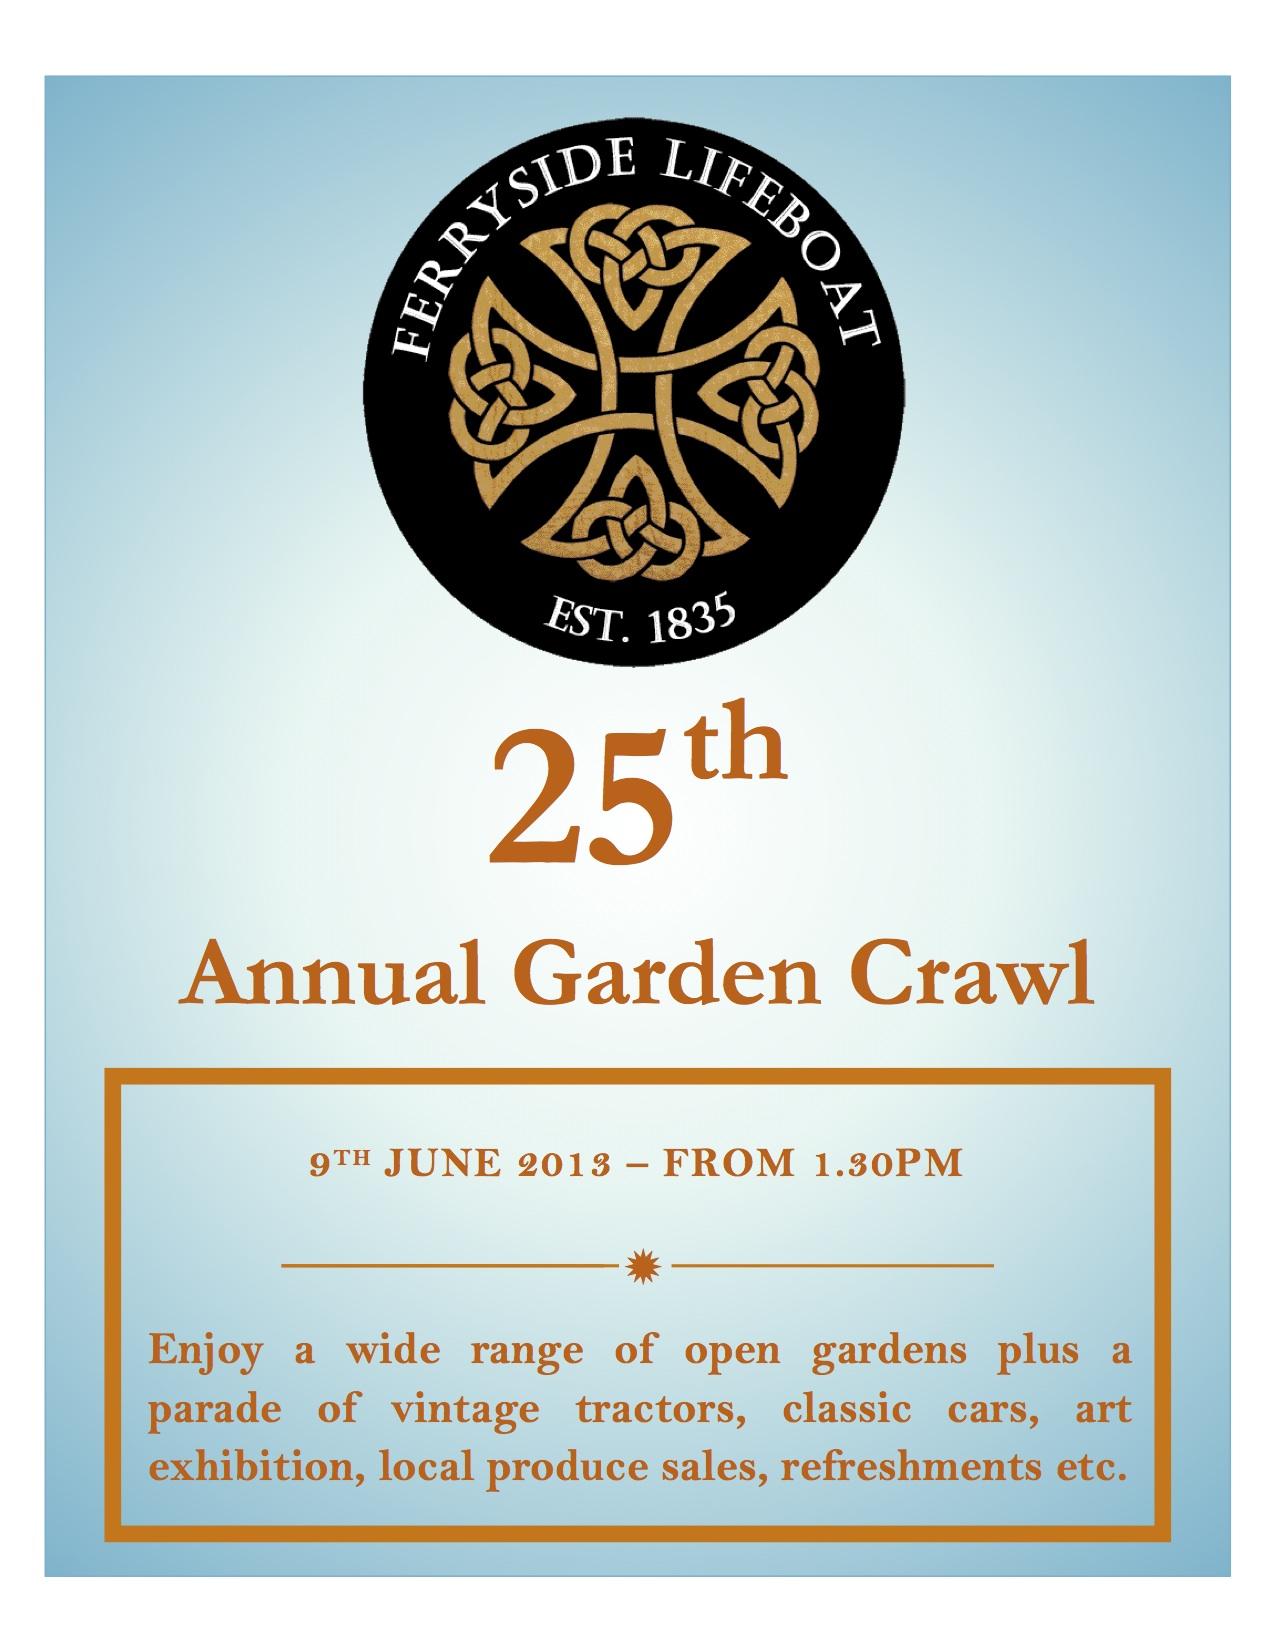 Garden Crawl